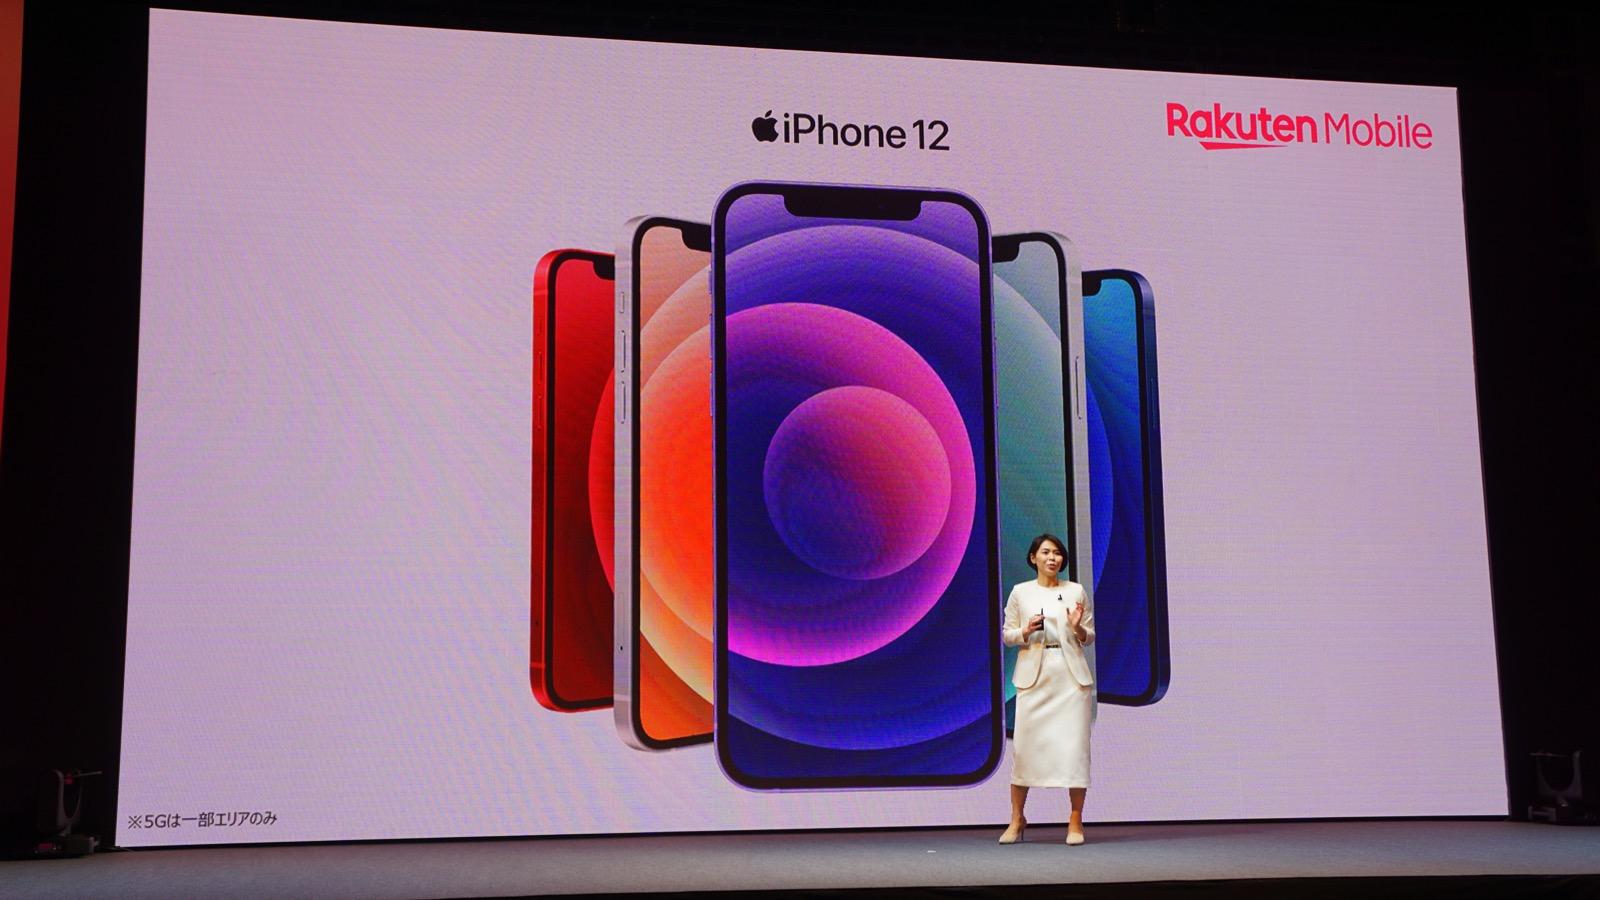 速報:楽天モバイルがiPhone発売。価格はキャリア最安値に